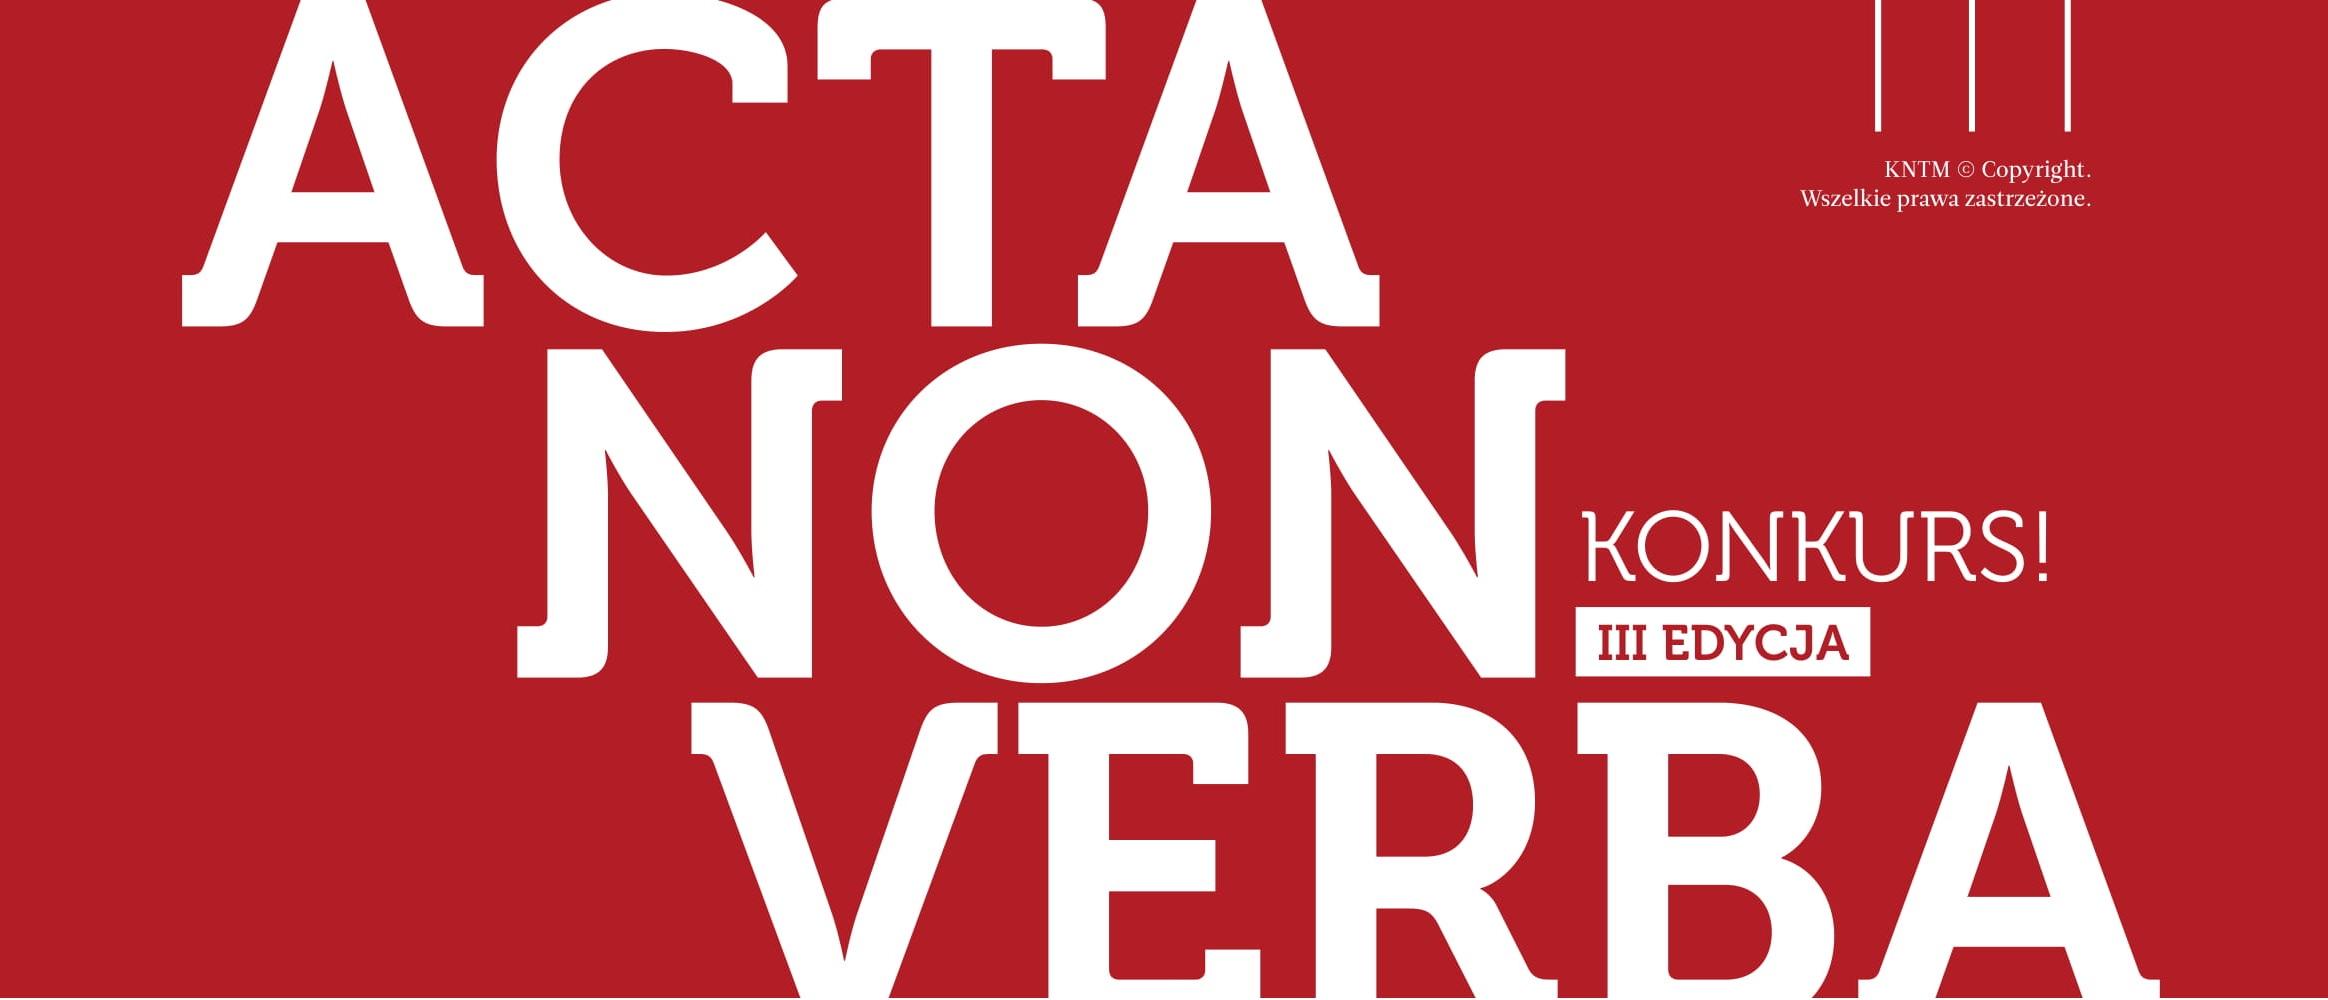 LOGO ACTA NON VERBA III edycja